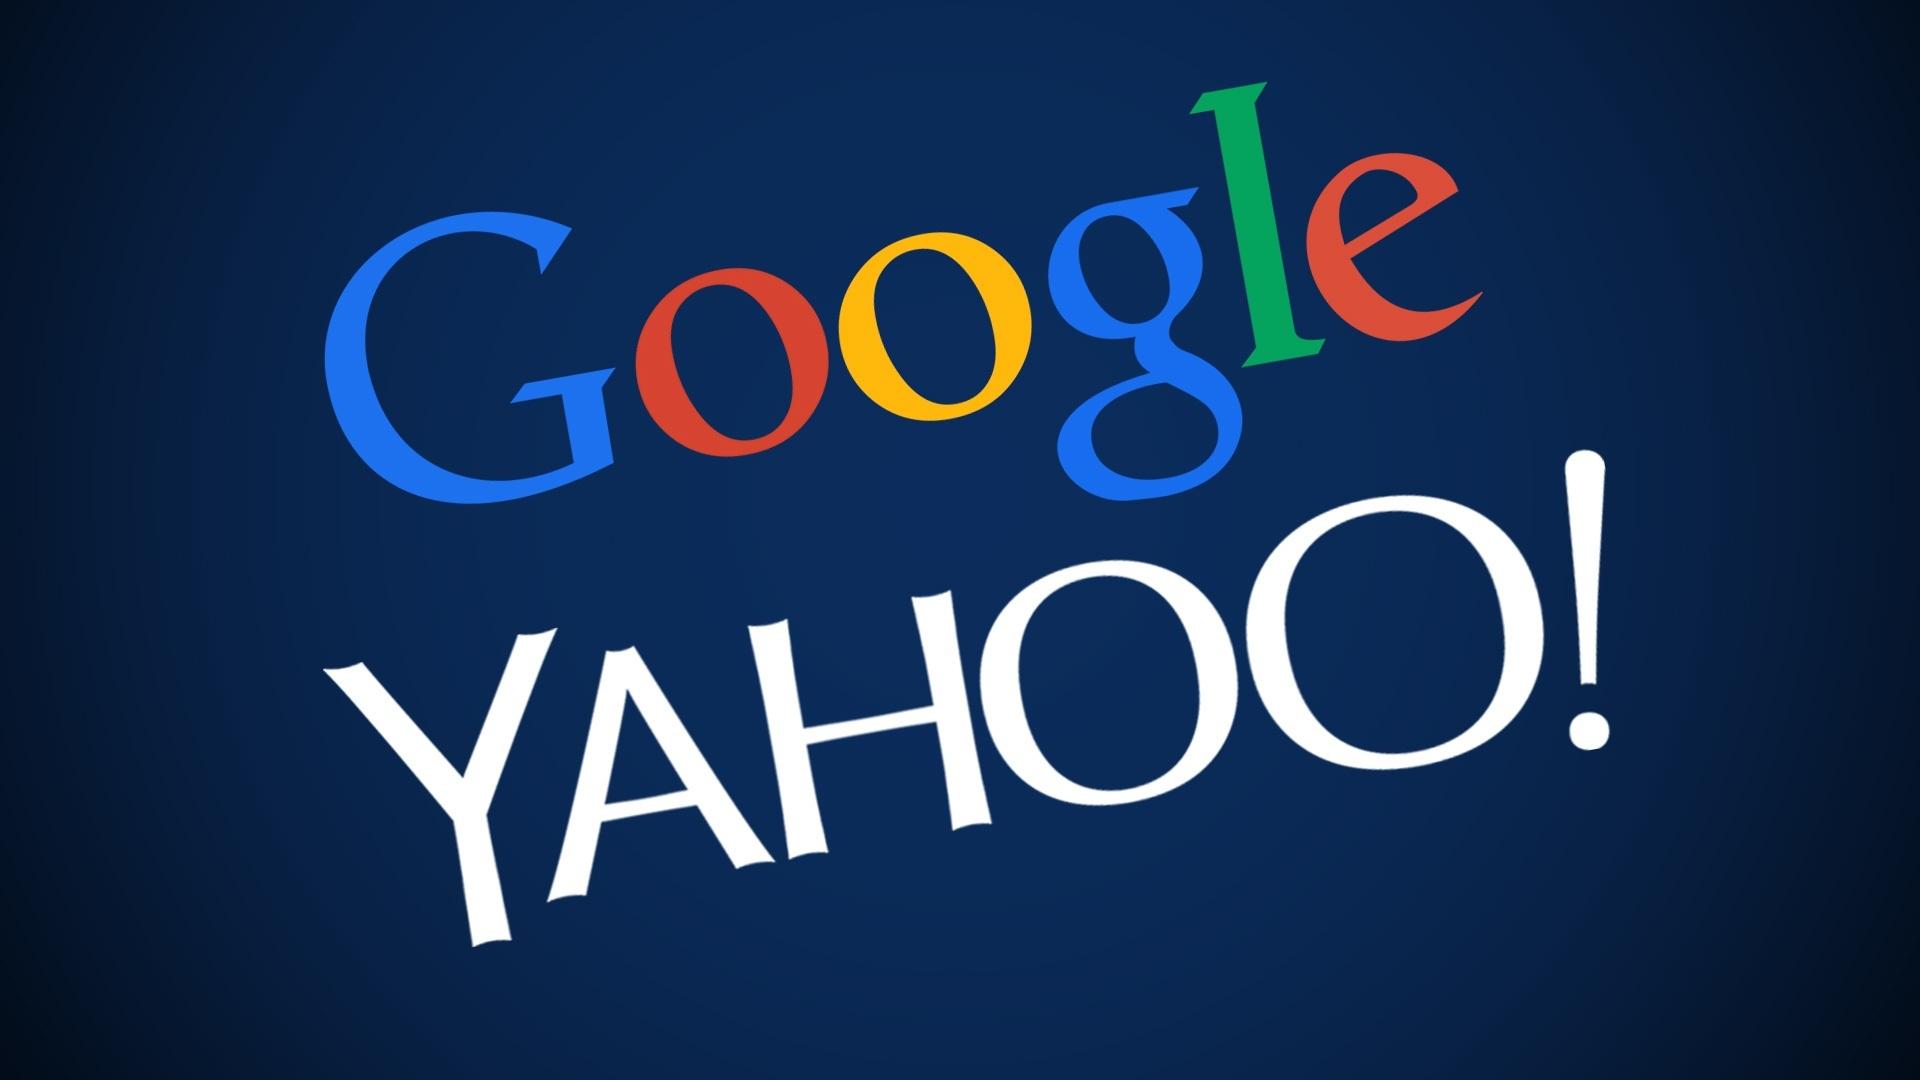 google-yahoo-211015